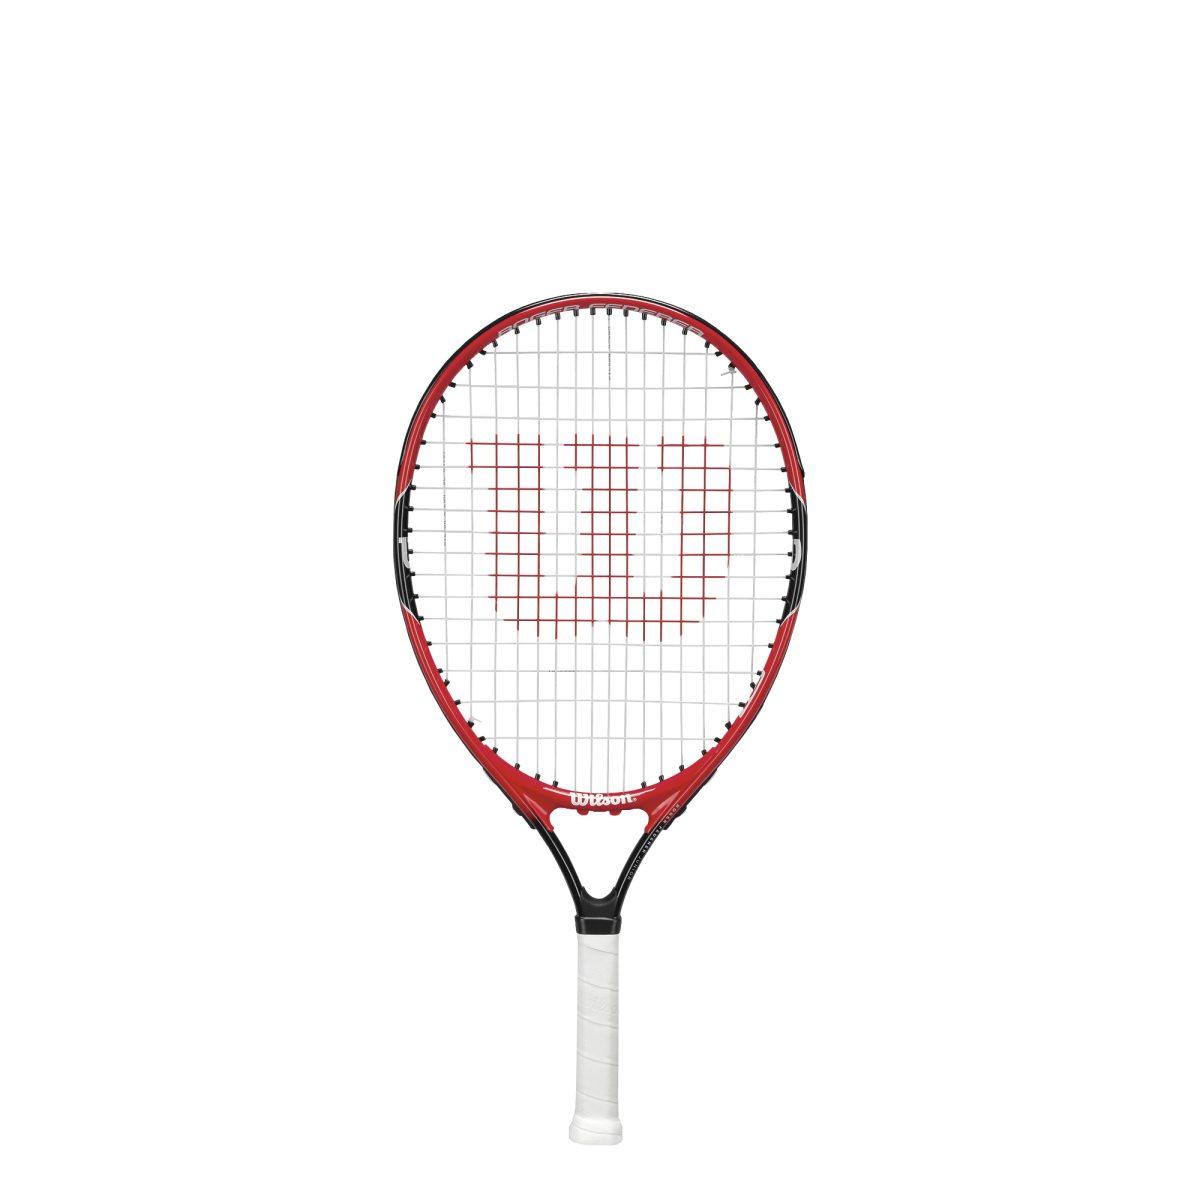 Tennismailan valinta juniori